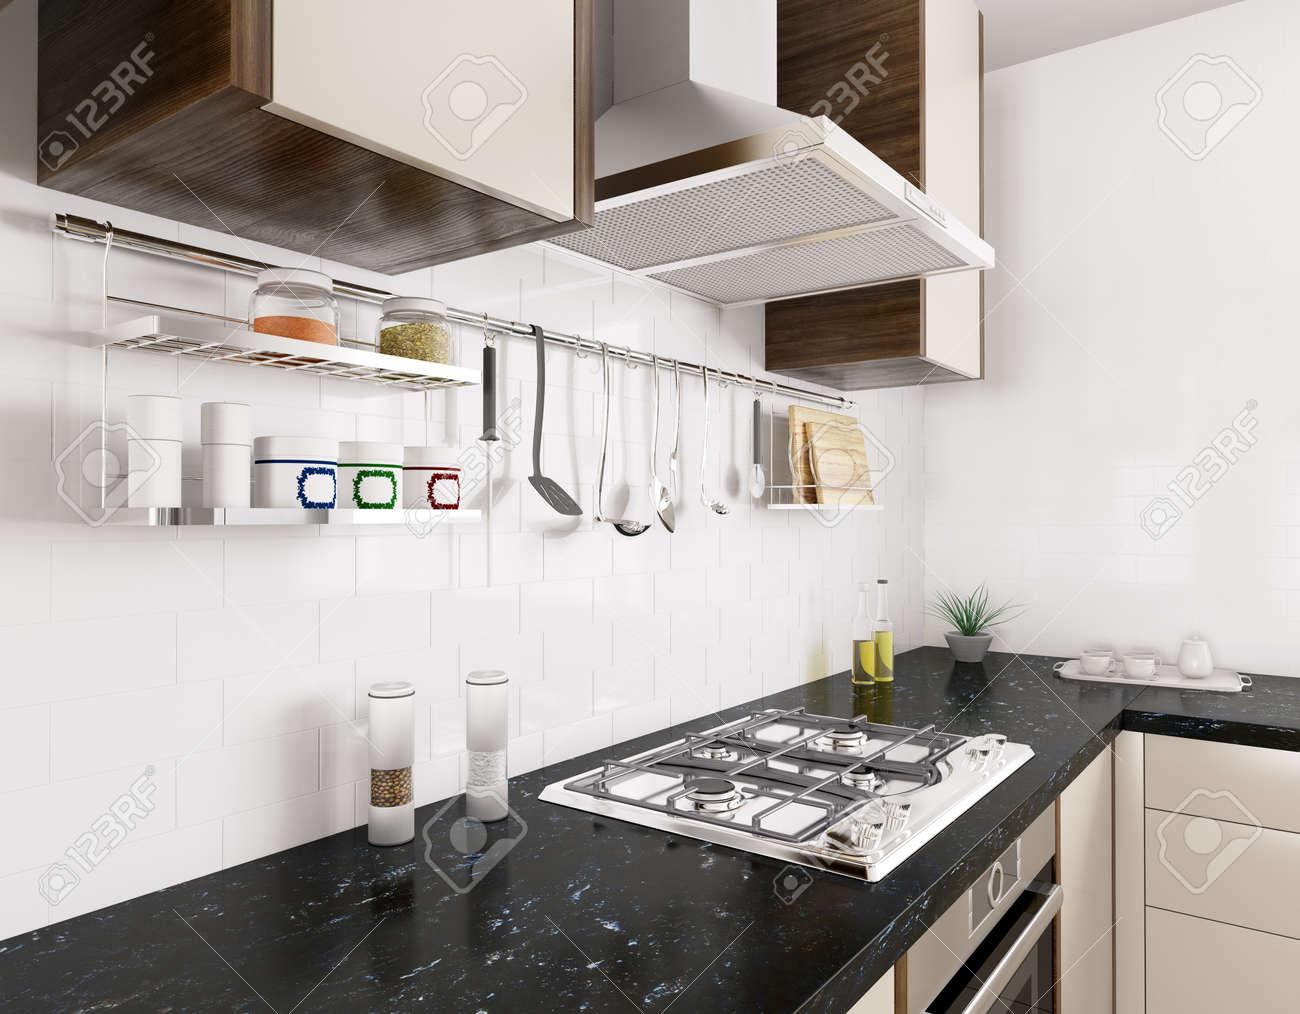 Cuisine Moderne Avec Comptoir En Granit Noir Cuisiniere A Gaz